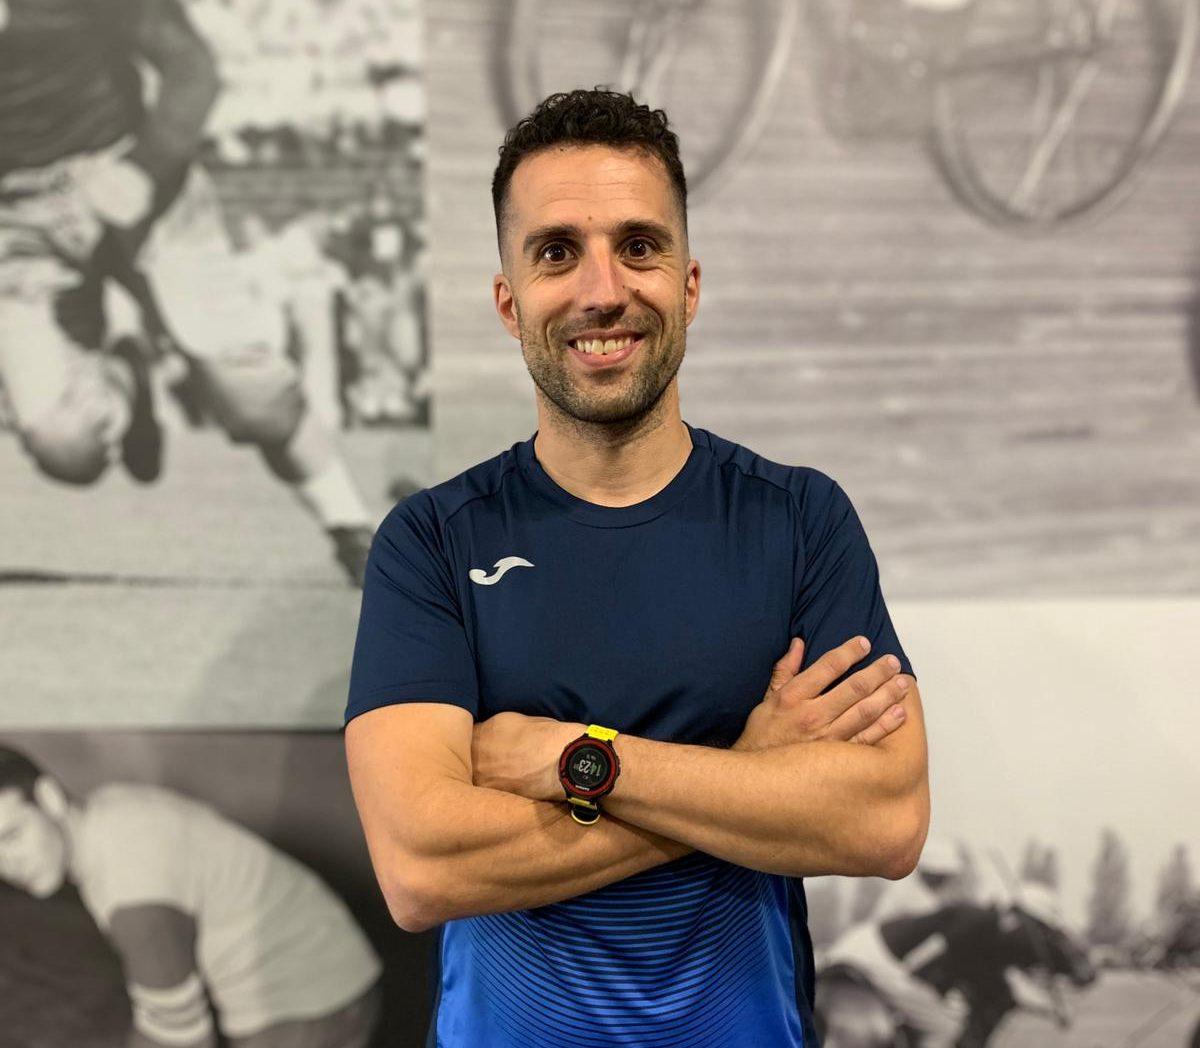 Trainext-Entrenador personal en Zaragoza